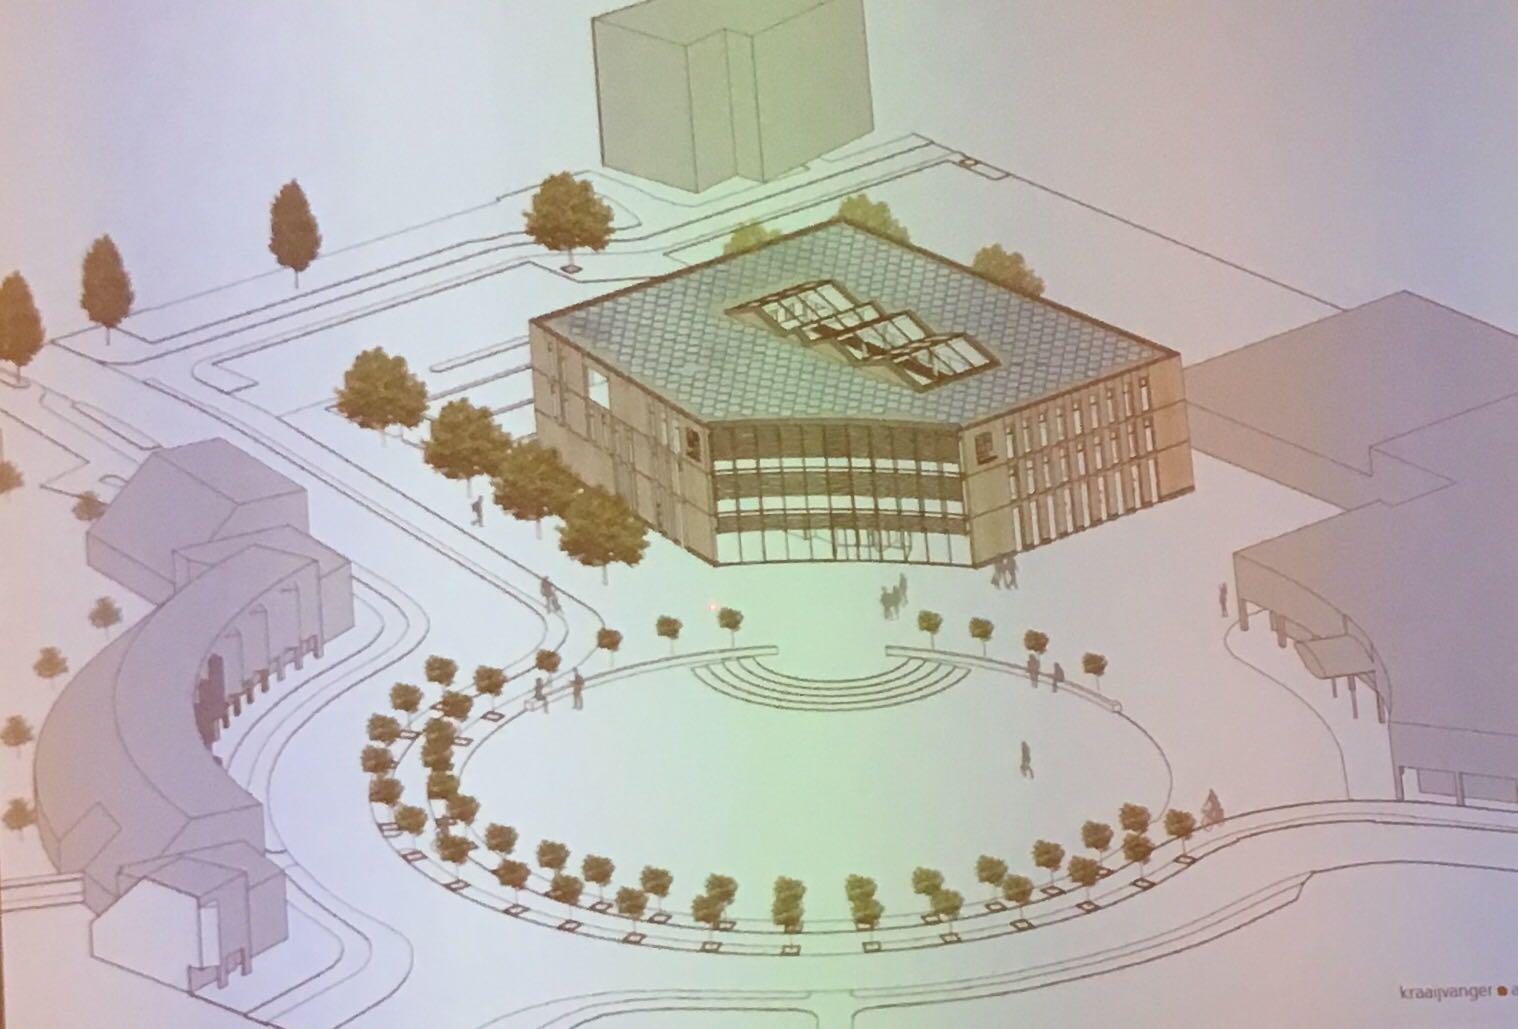 tekening nieuwe gemeentehuis zuidplas